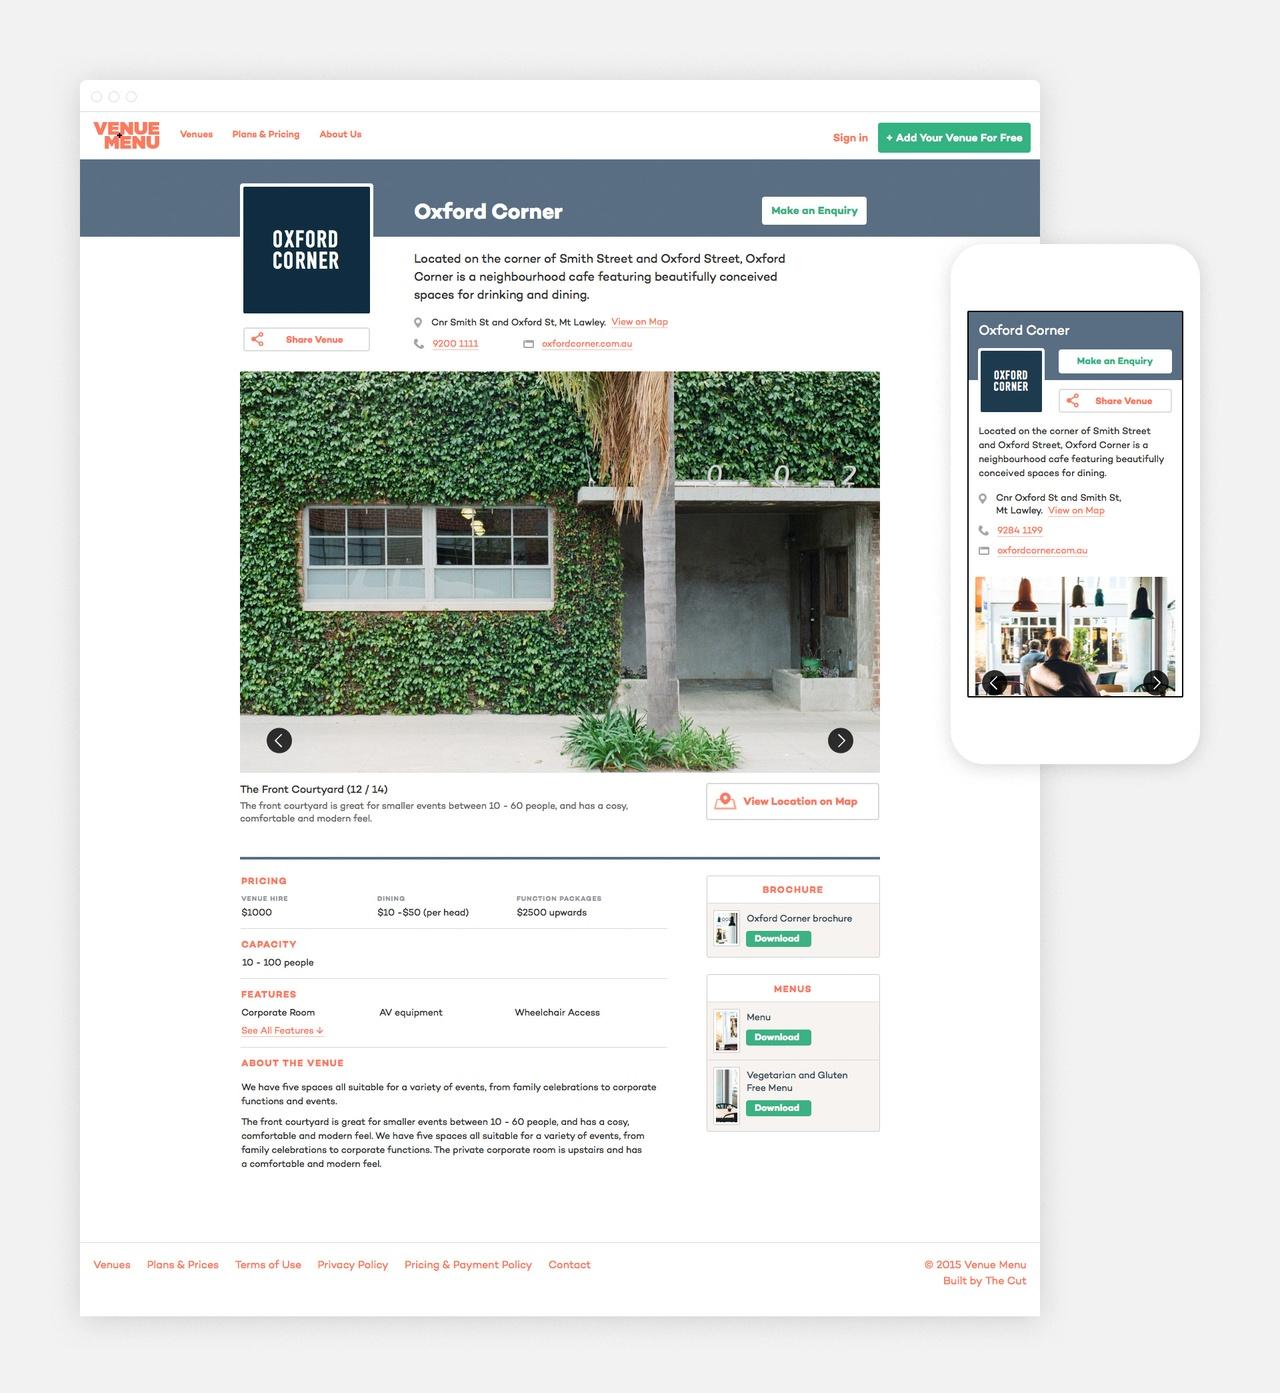 Venue Profile Page